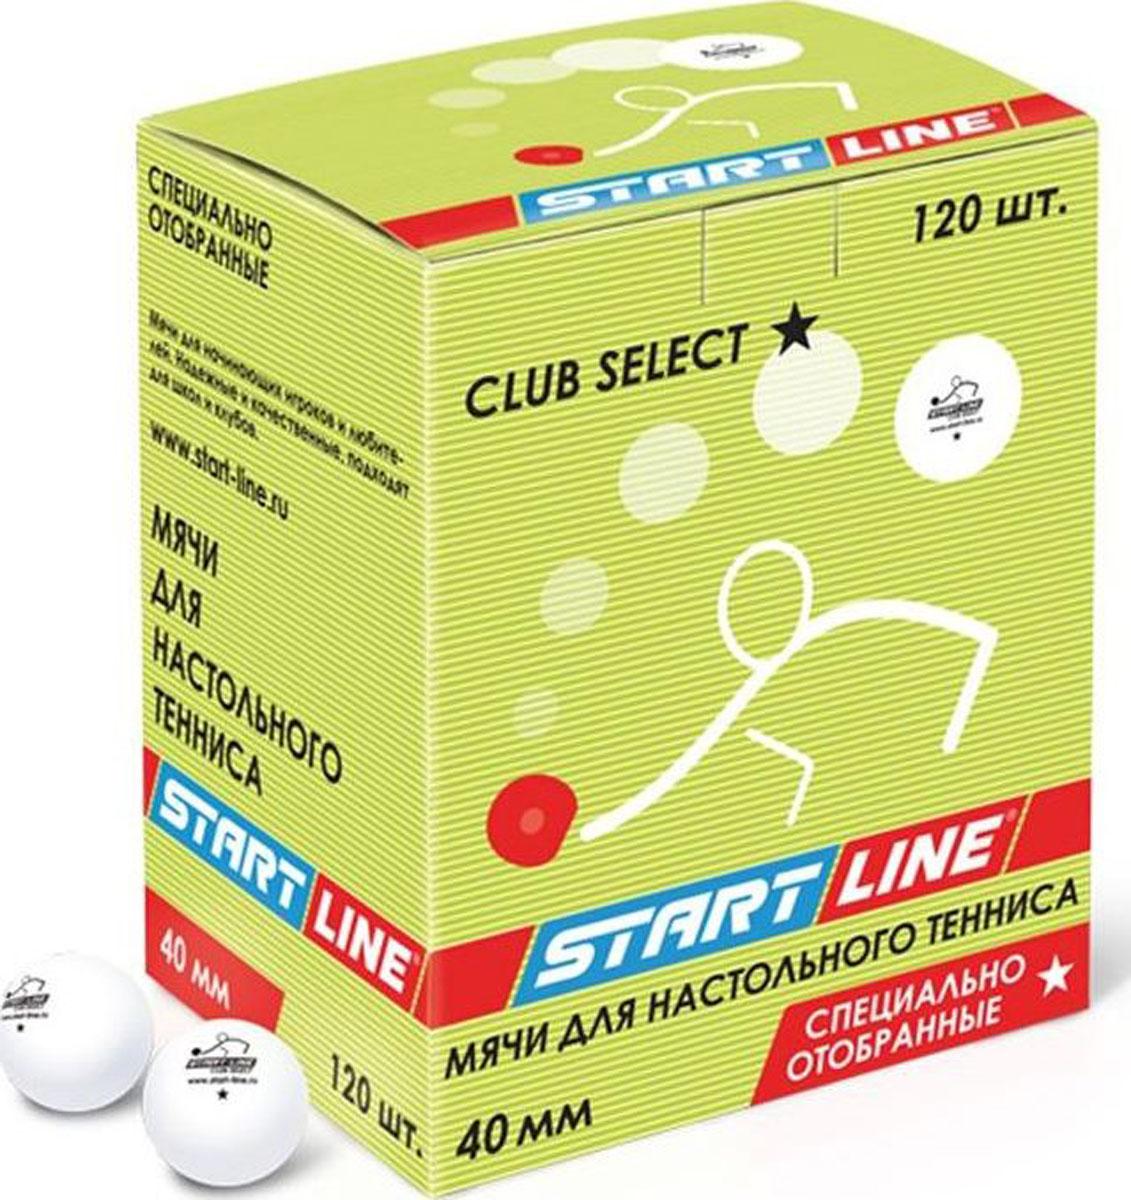 Мяч для настольного тенниса StartLine Club Select, 120 шт - Настольный теннис